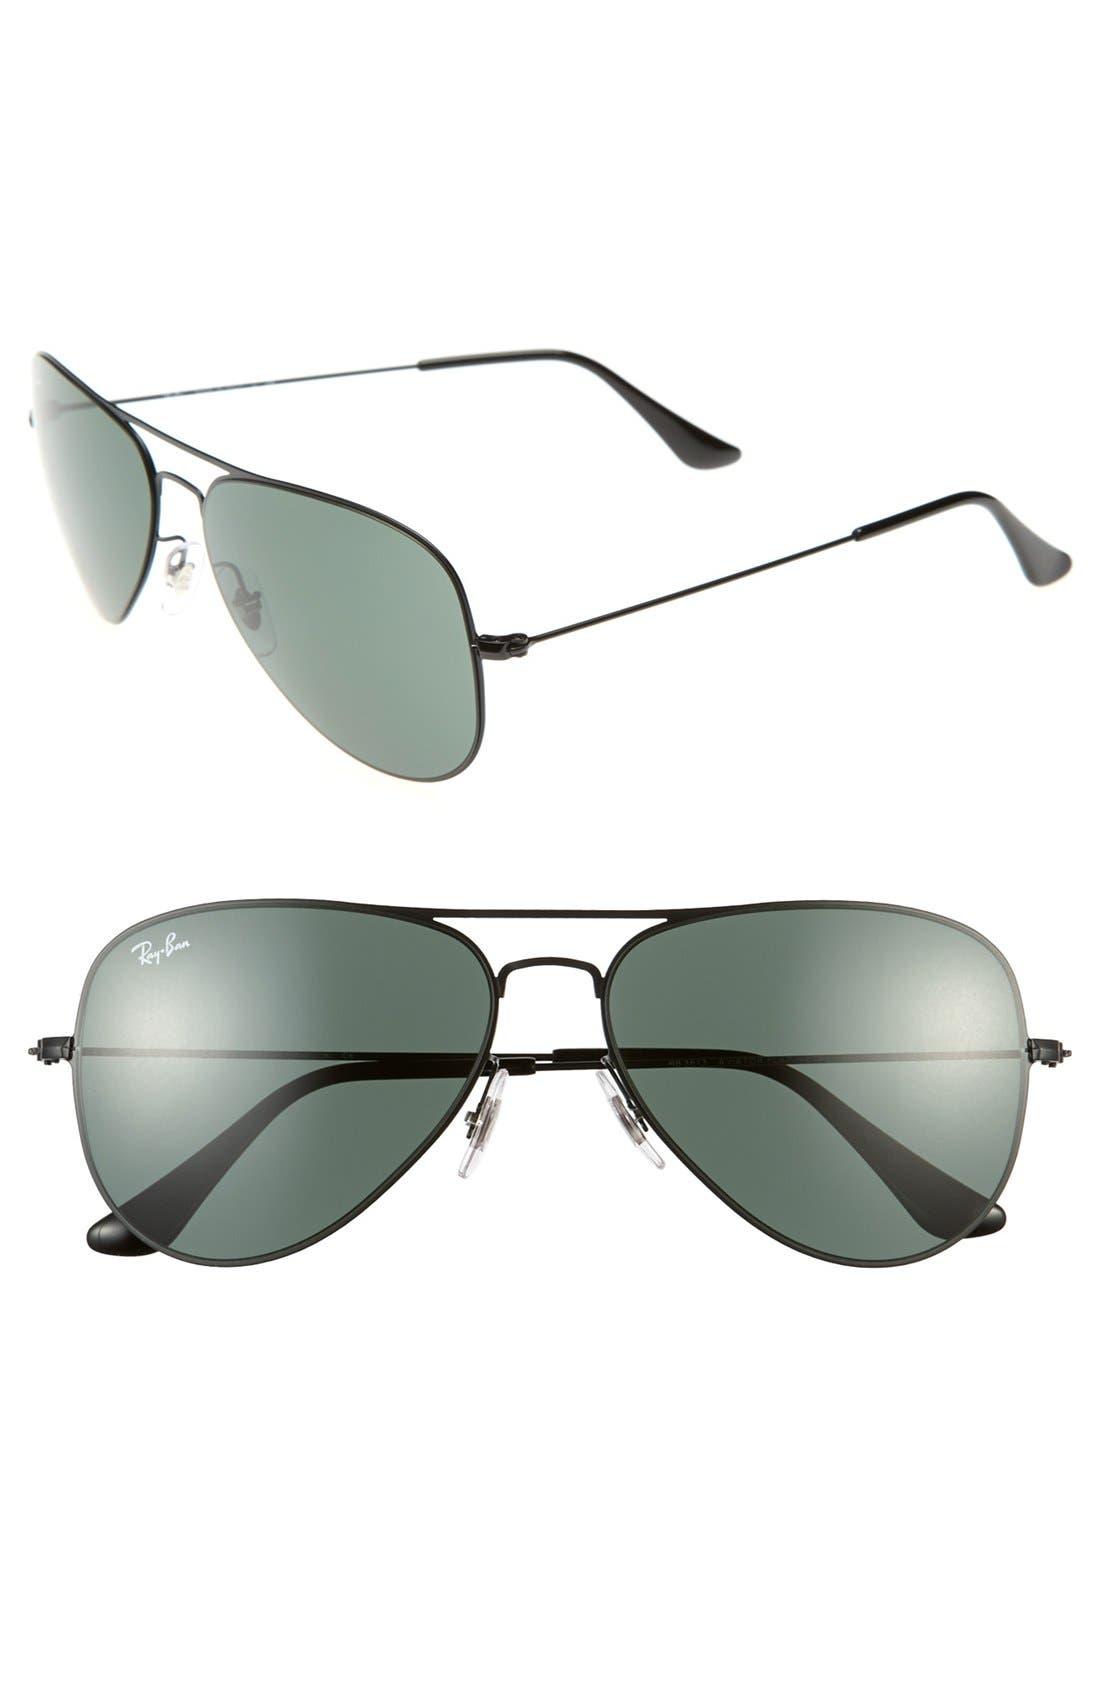 Alternate Image 1 Selected - Ray-Ban 'Aviator Flat Metal' 58mm Sunglasses